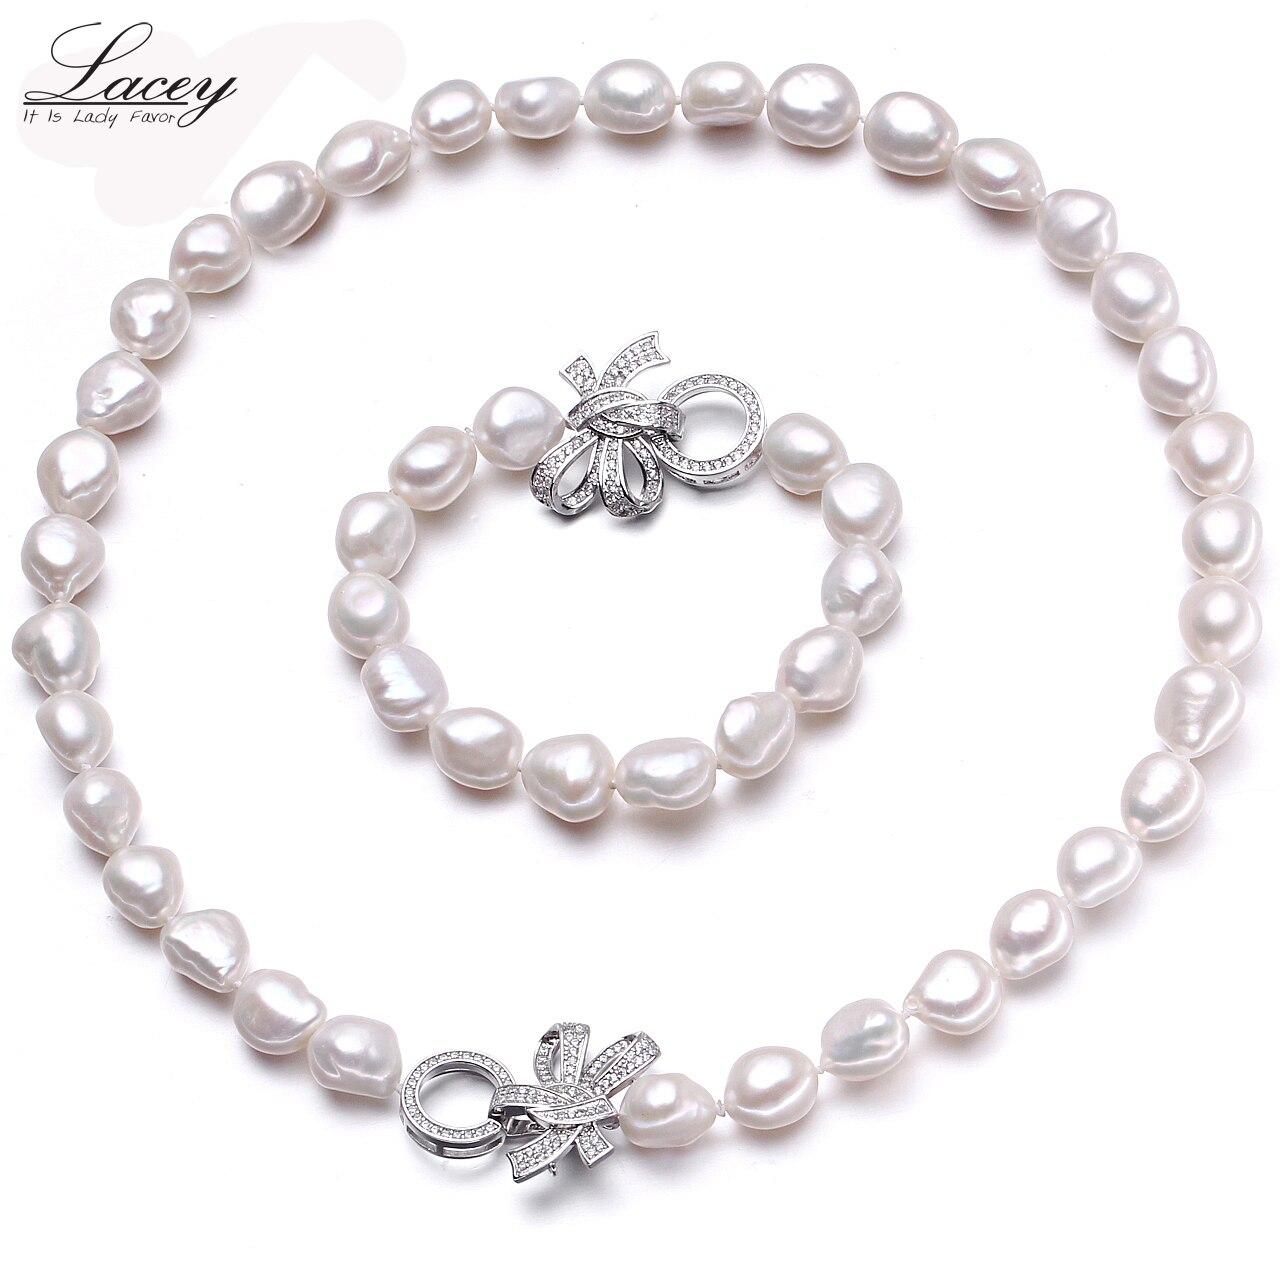 Naturel de culture d'eau douce perle ensembles de bijoux femmes baroque10-11mm perle définit bracelet collier bijoux fine jewelry